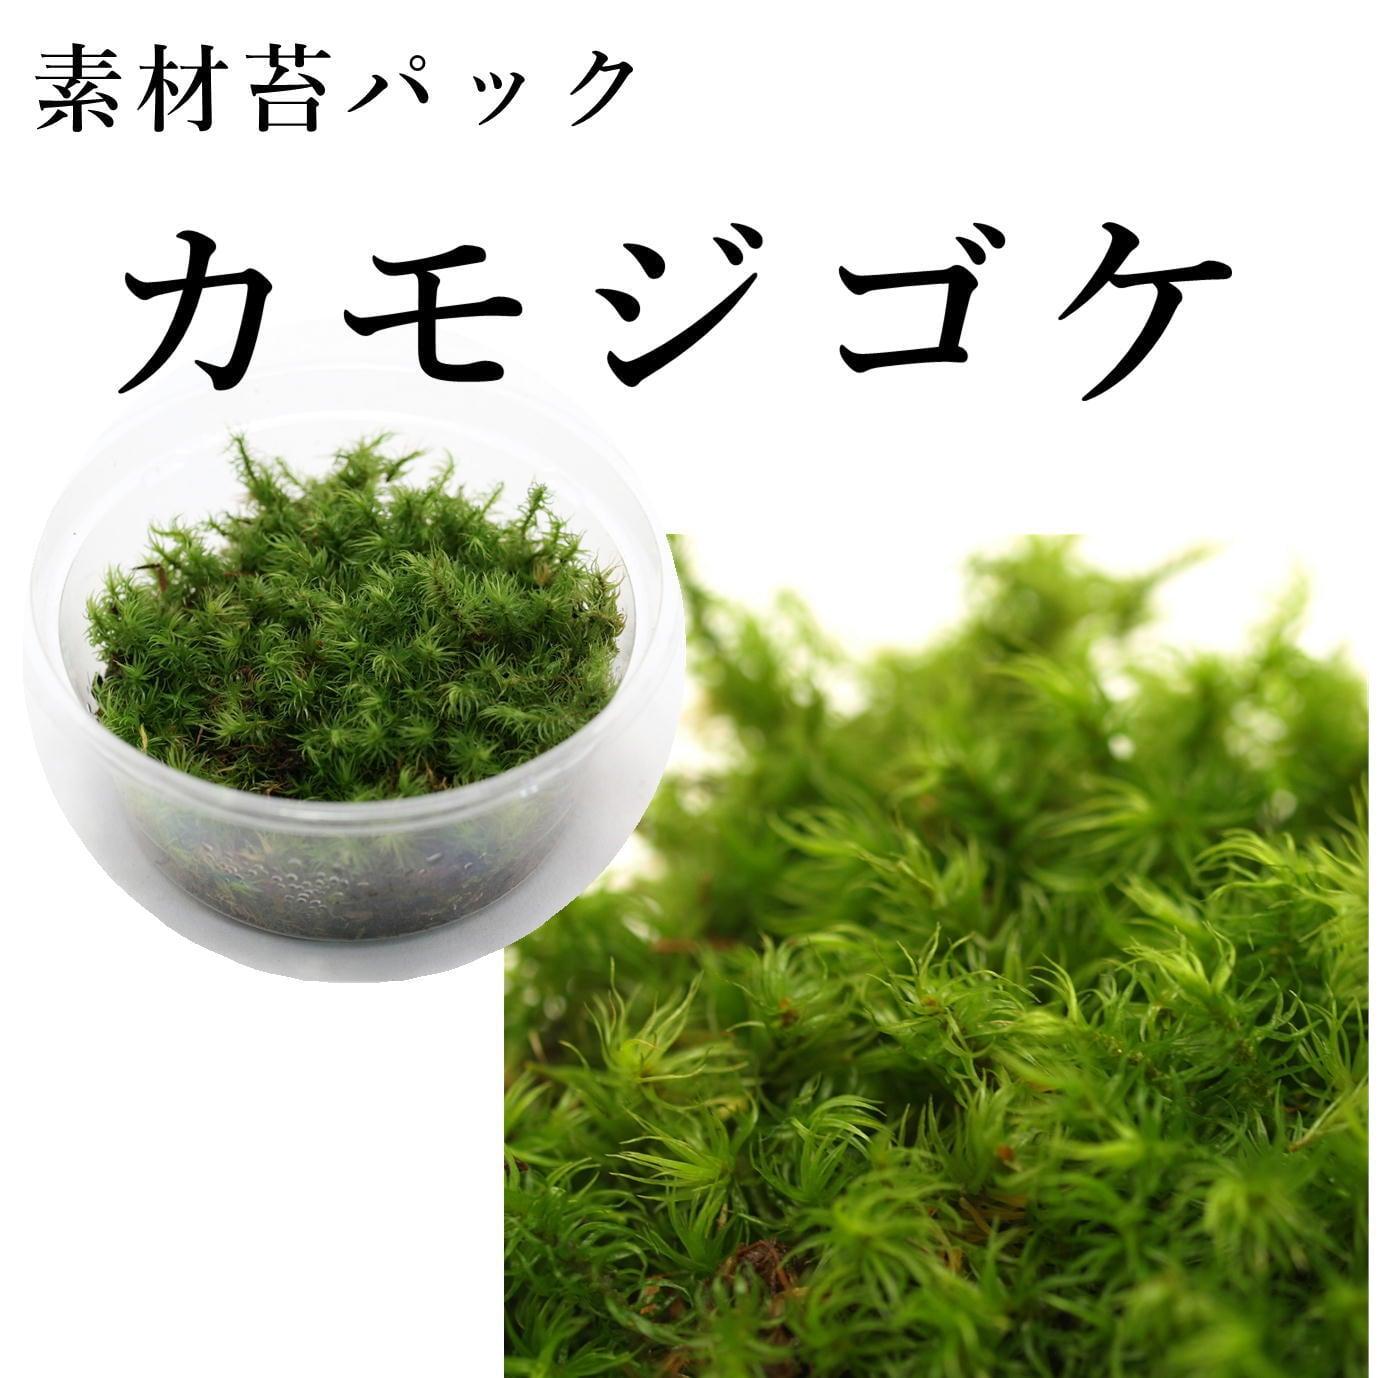 カモジゴケ 苔テラリウム作製用素材苔